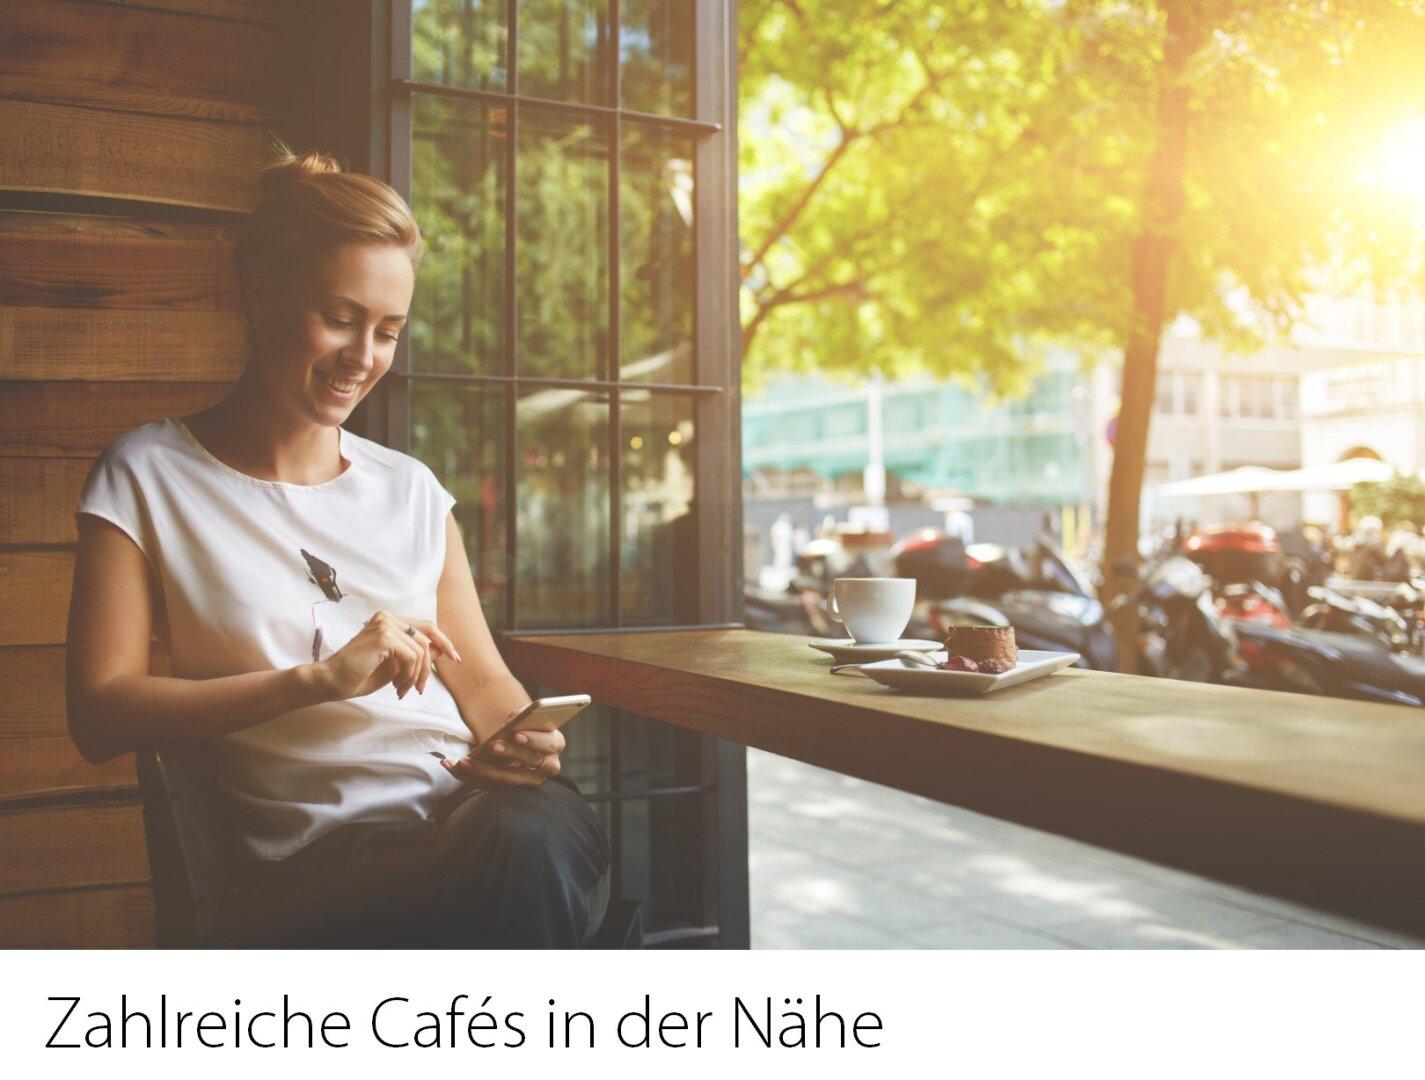 Zahlreiche Cafes in der Nähe